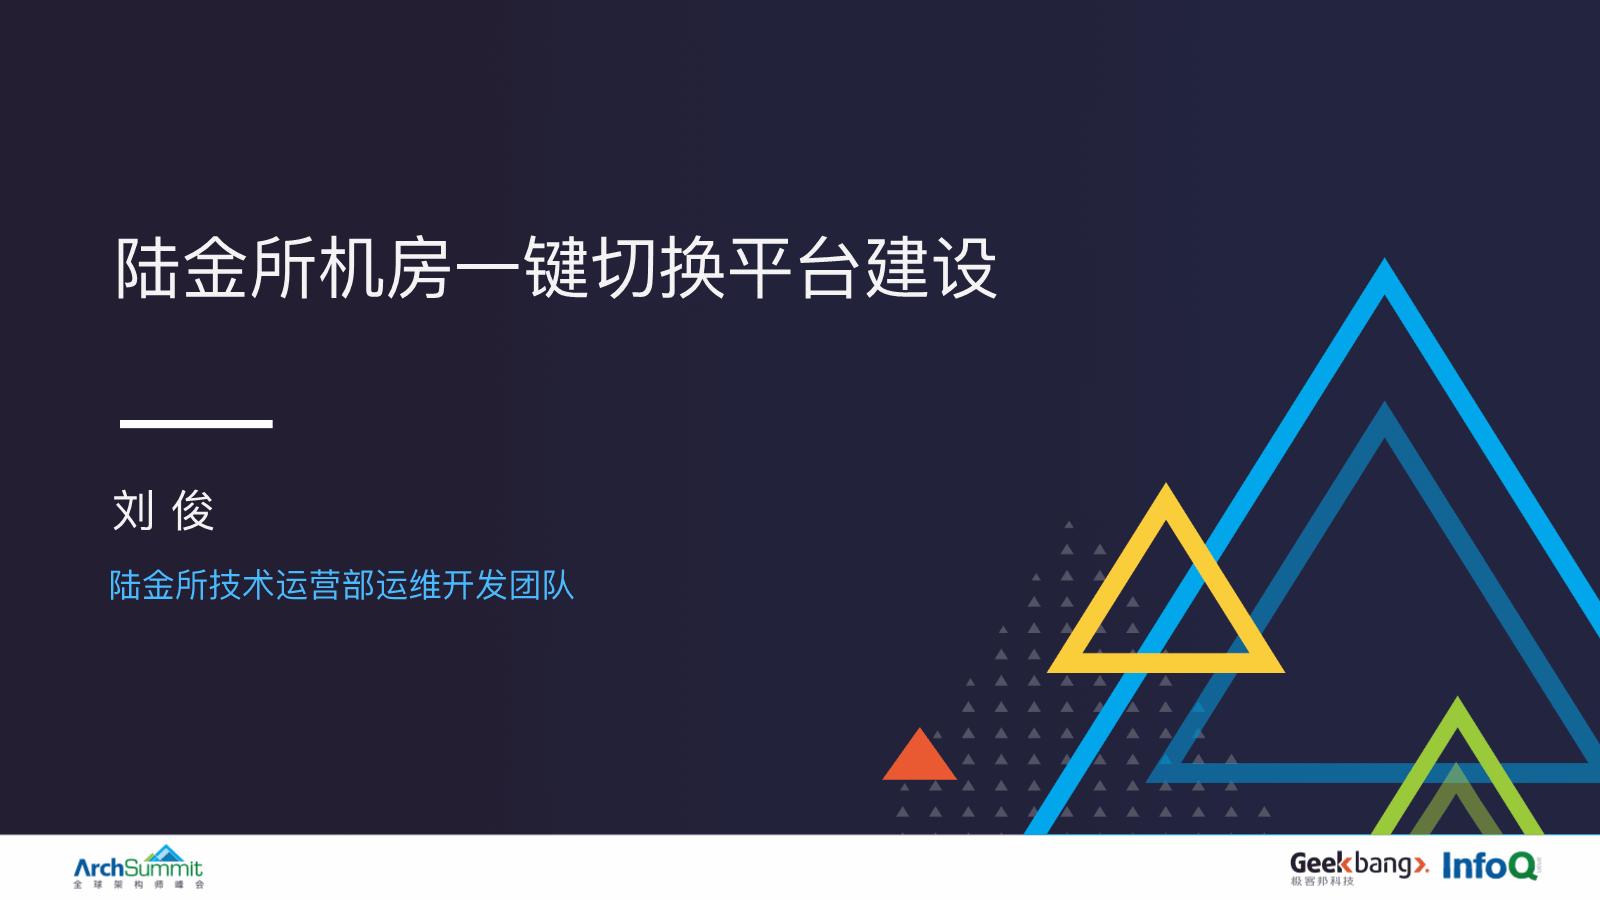 刘俊-陆金所机房一键切换平台建设